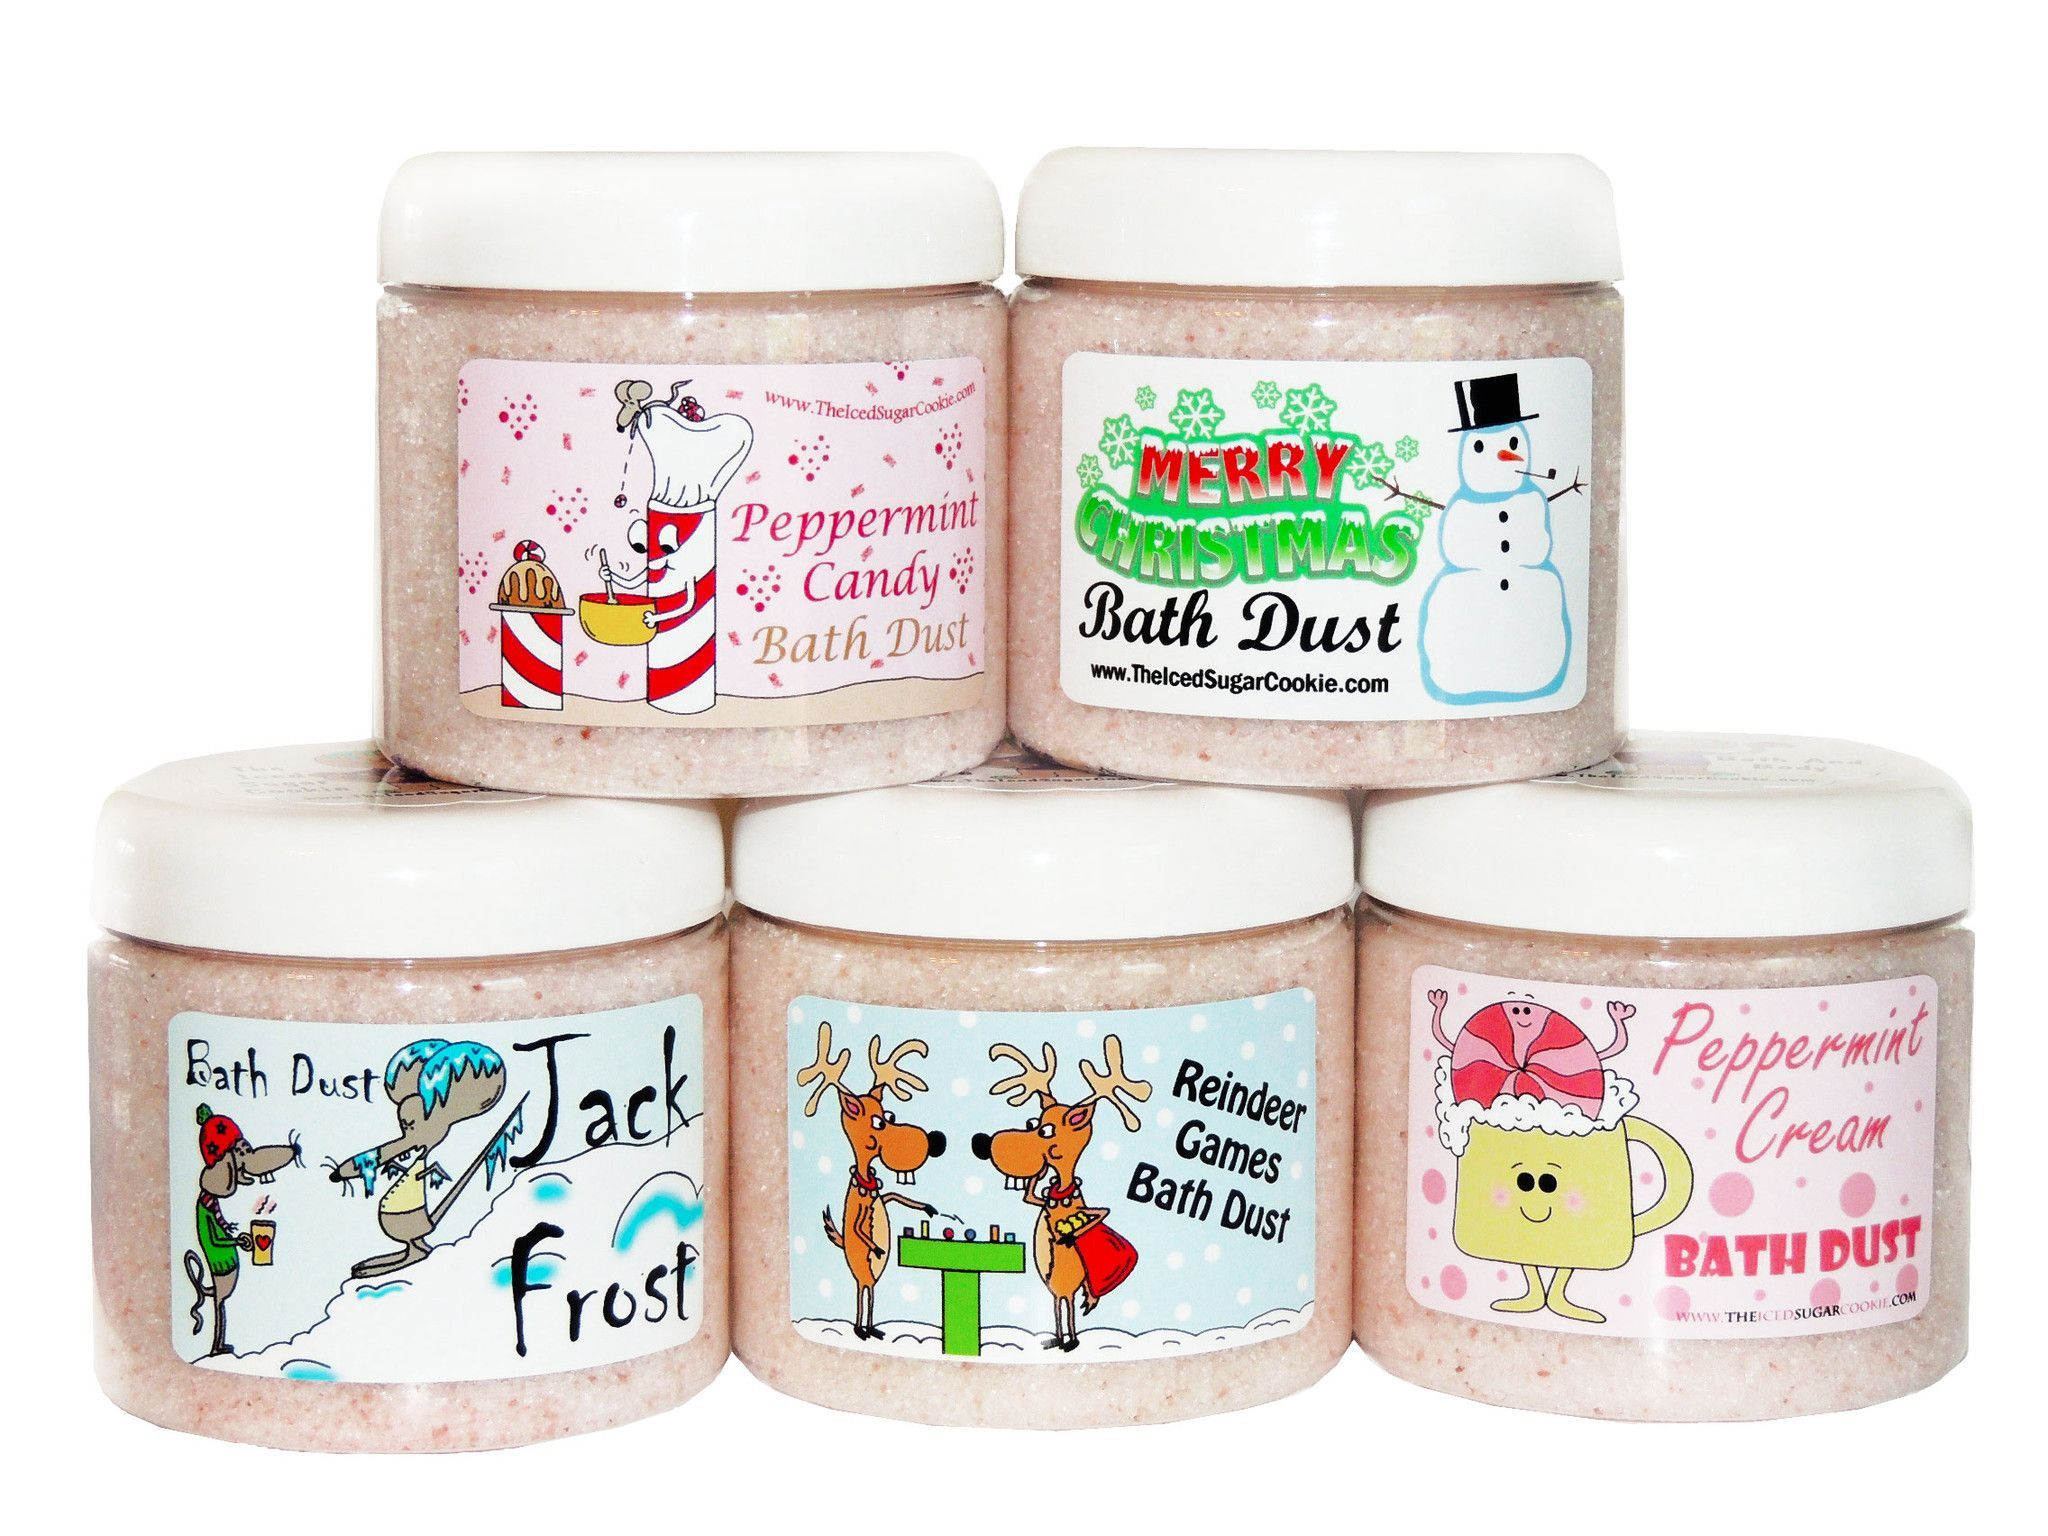 Jack Frost Bath Dust Weird Stuff Ice Cream Floats Pink